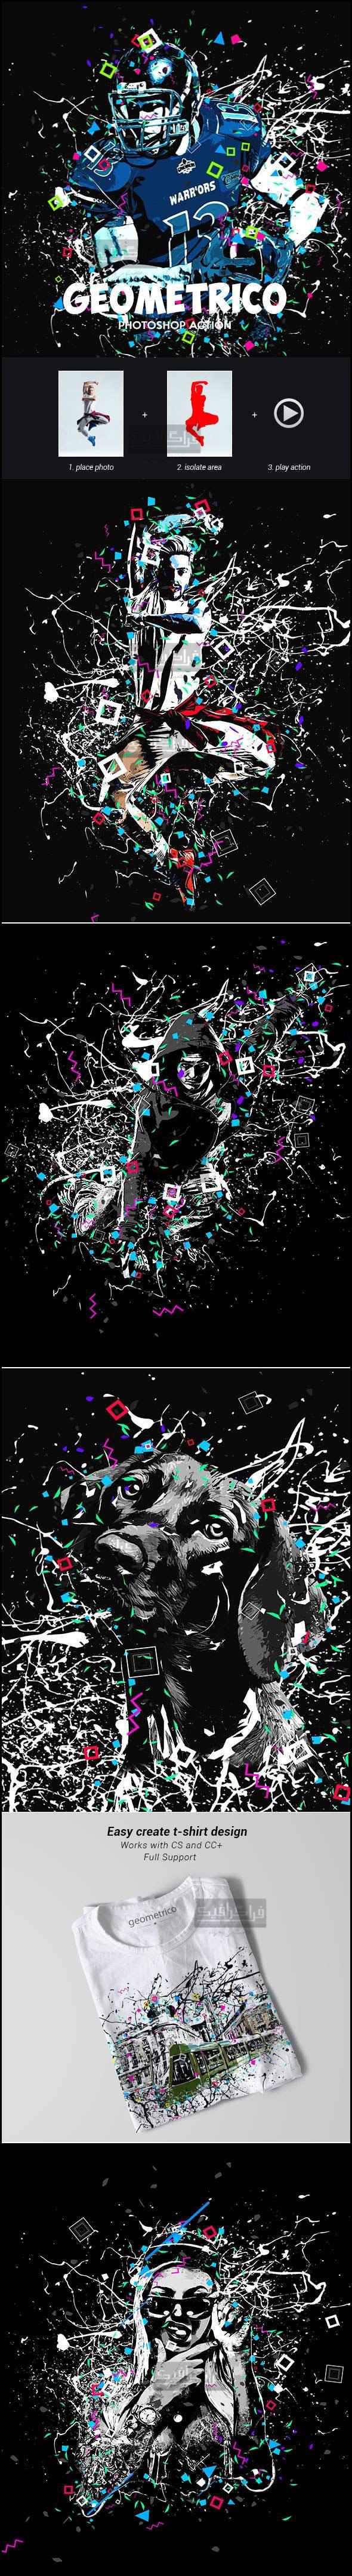 دانلود اکشن فتوشاپ افکت رنگارنگ هندسی